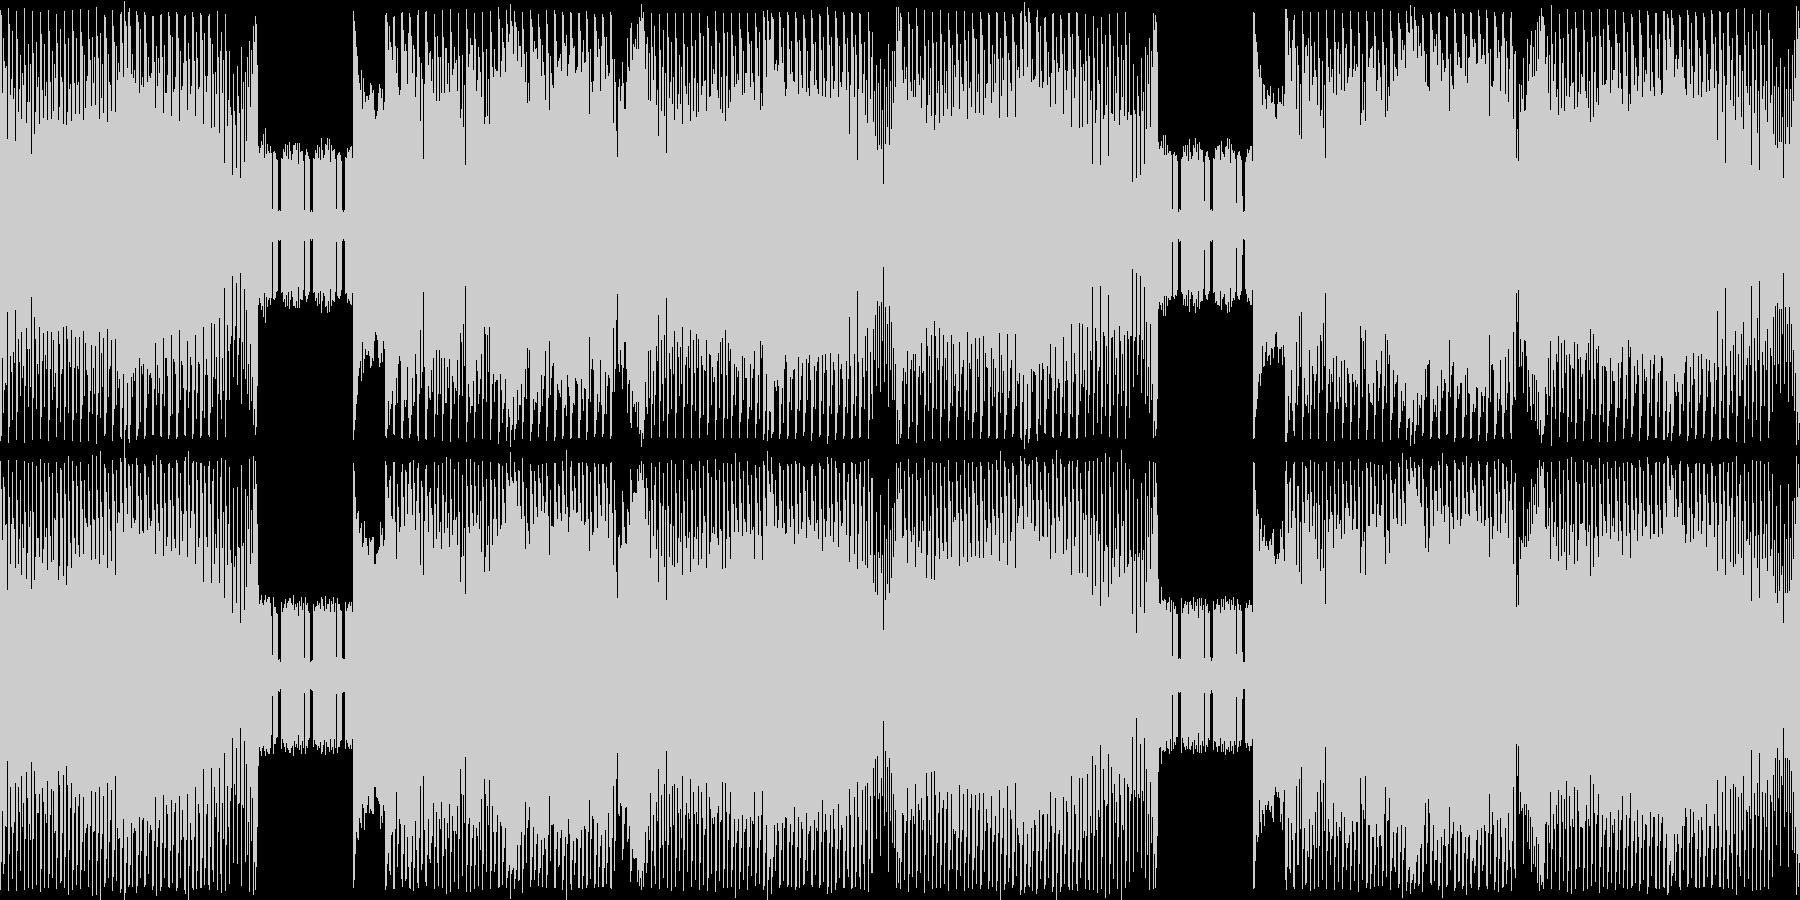 ジュリアナ系ハイパーテクノレイブ重厚の未再生の波形